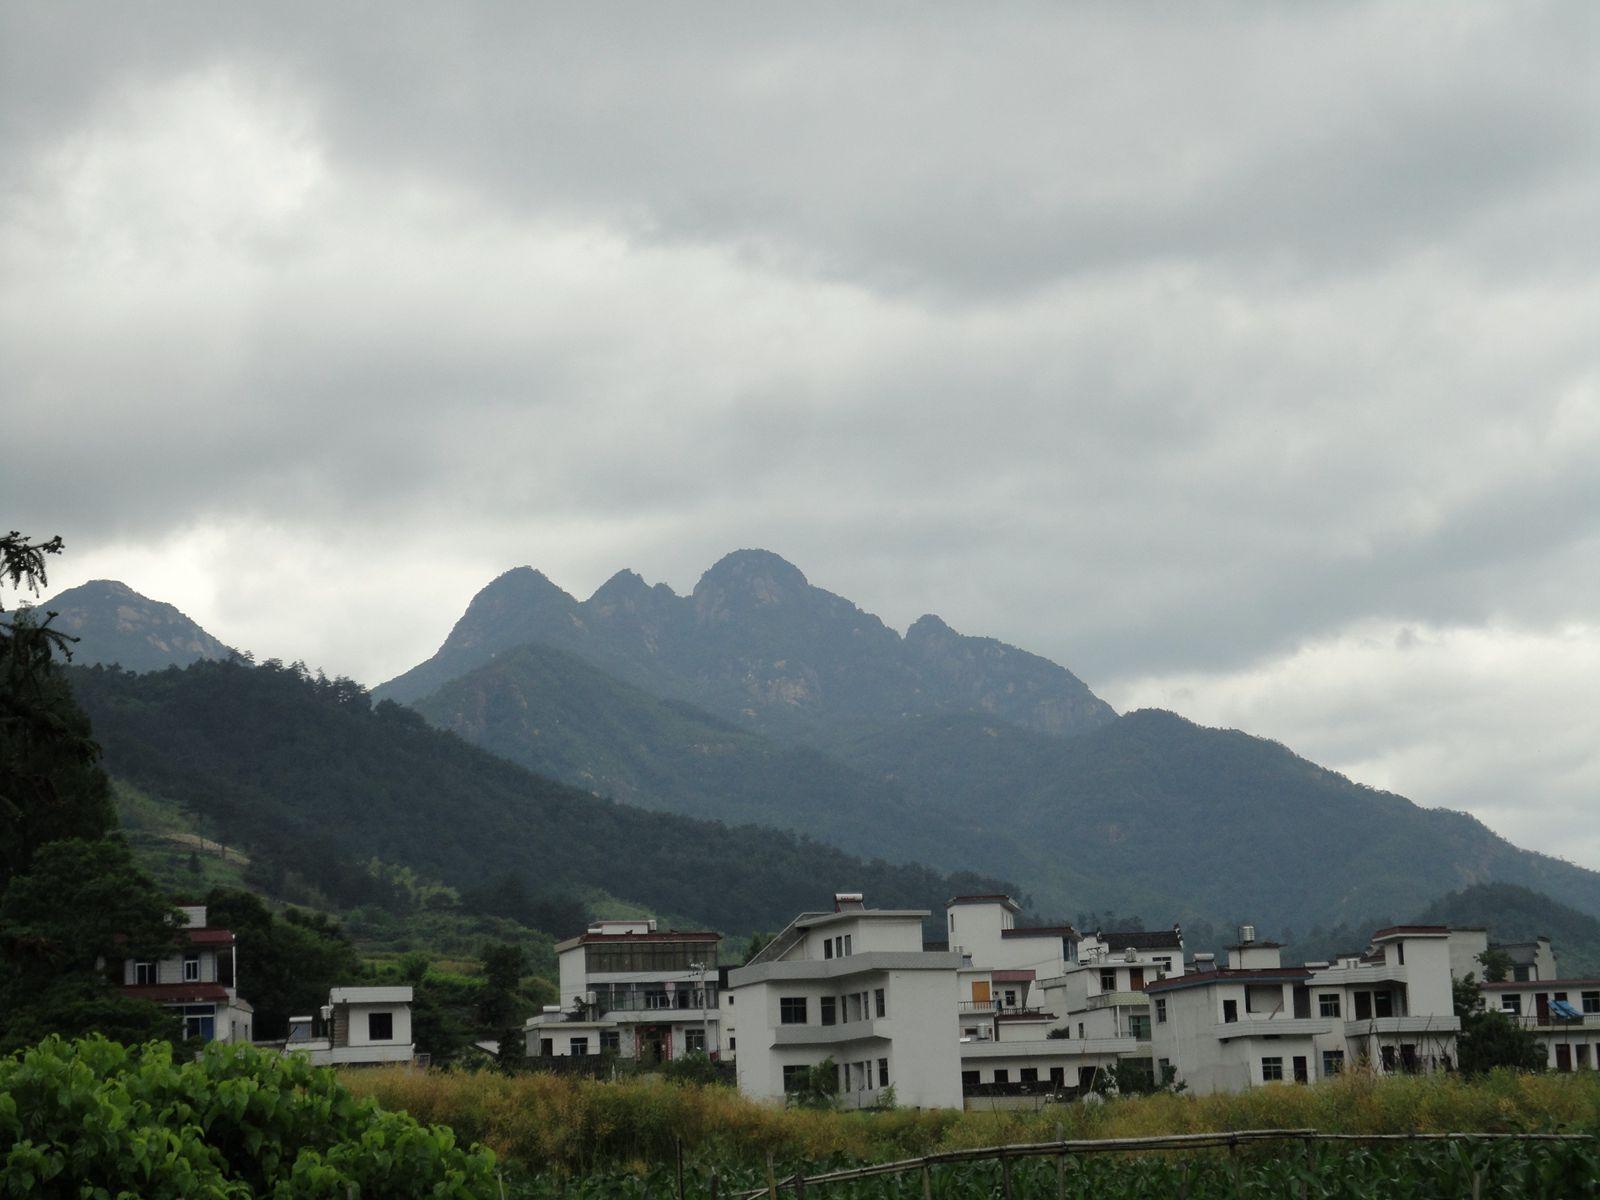 远处的山峰像一伟人的头像